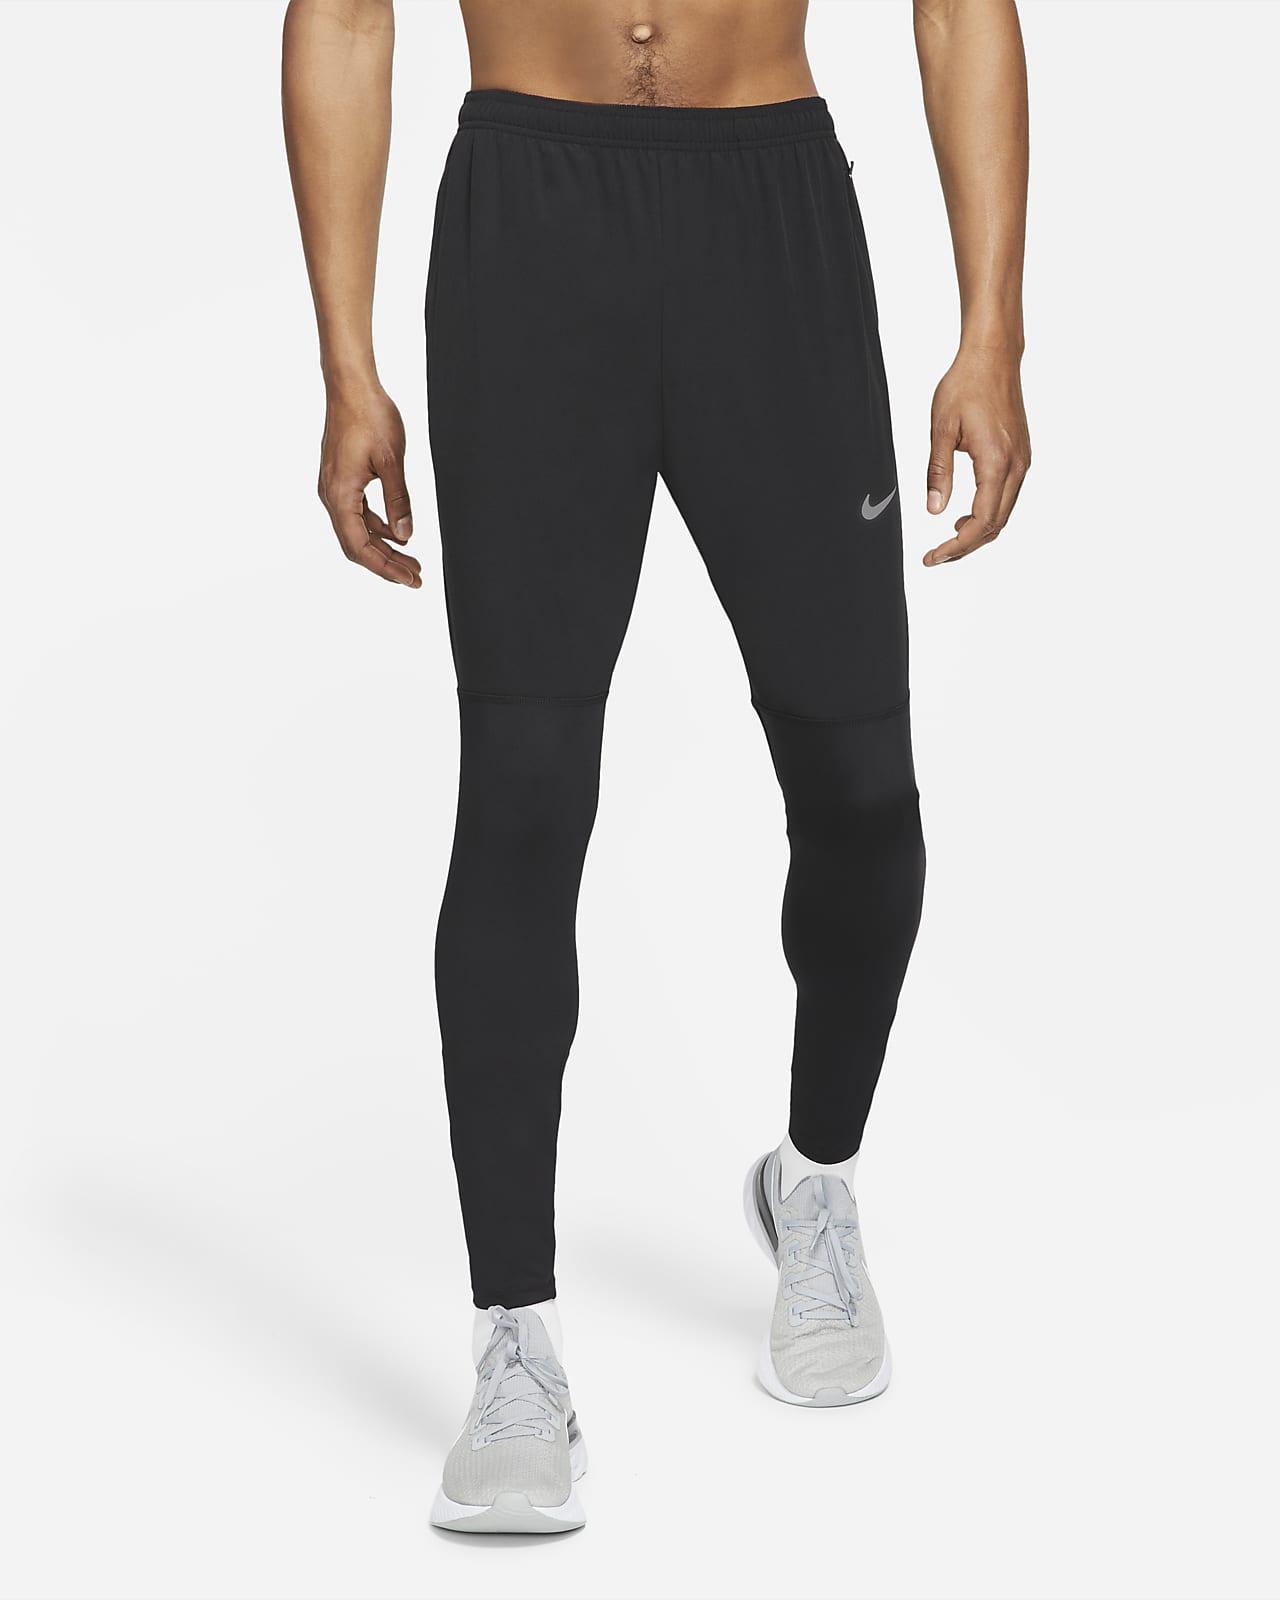 Nike Dri-FIT UV Challenger Hybrid-løbebukser til mænd